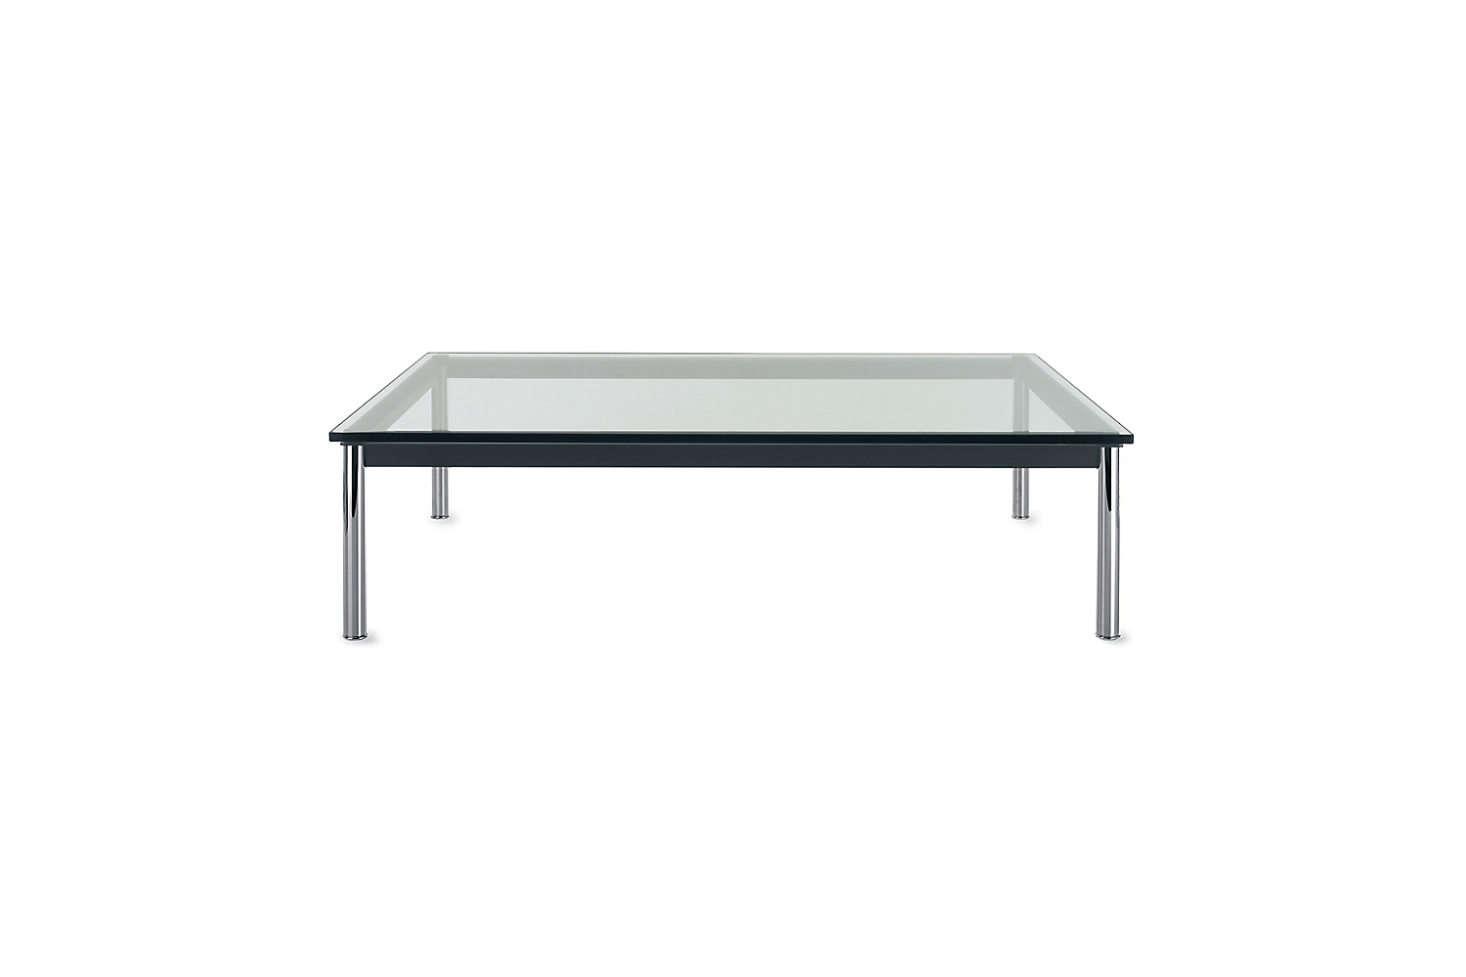 le corbusier lc10 p low table 1466x977